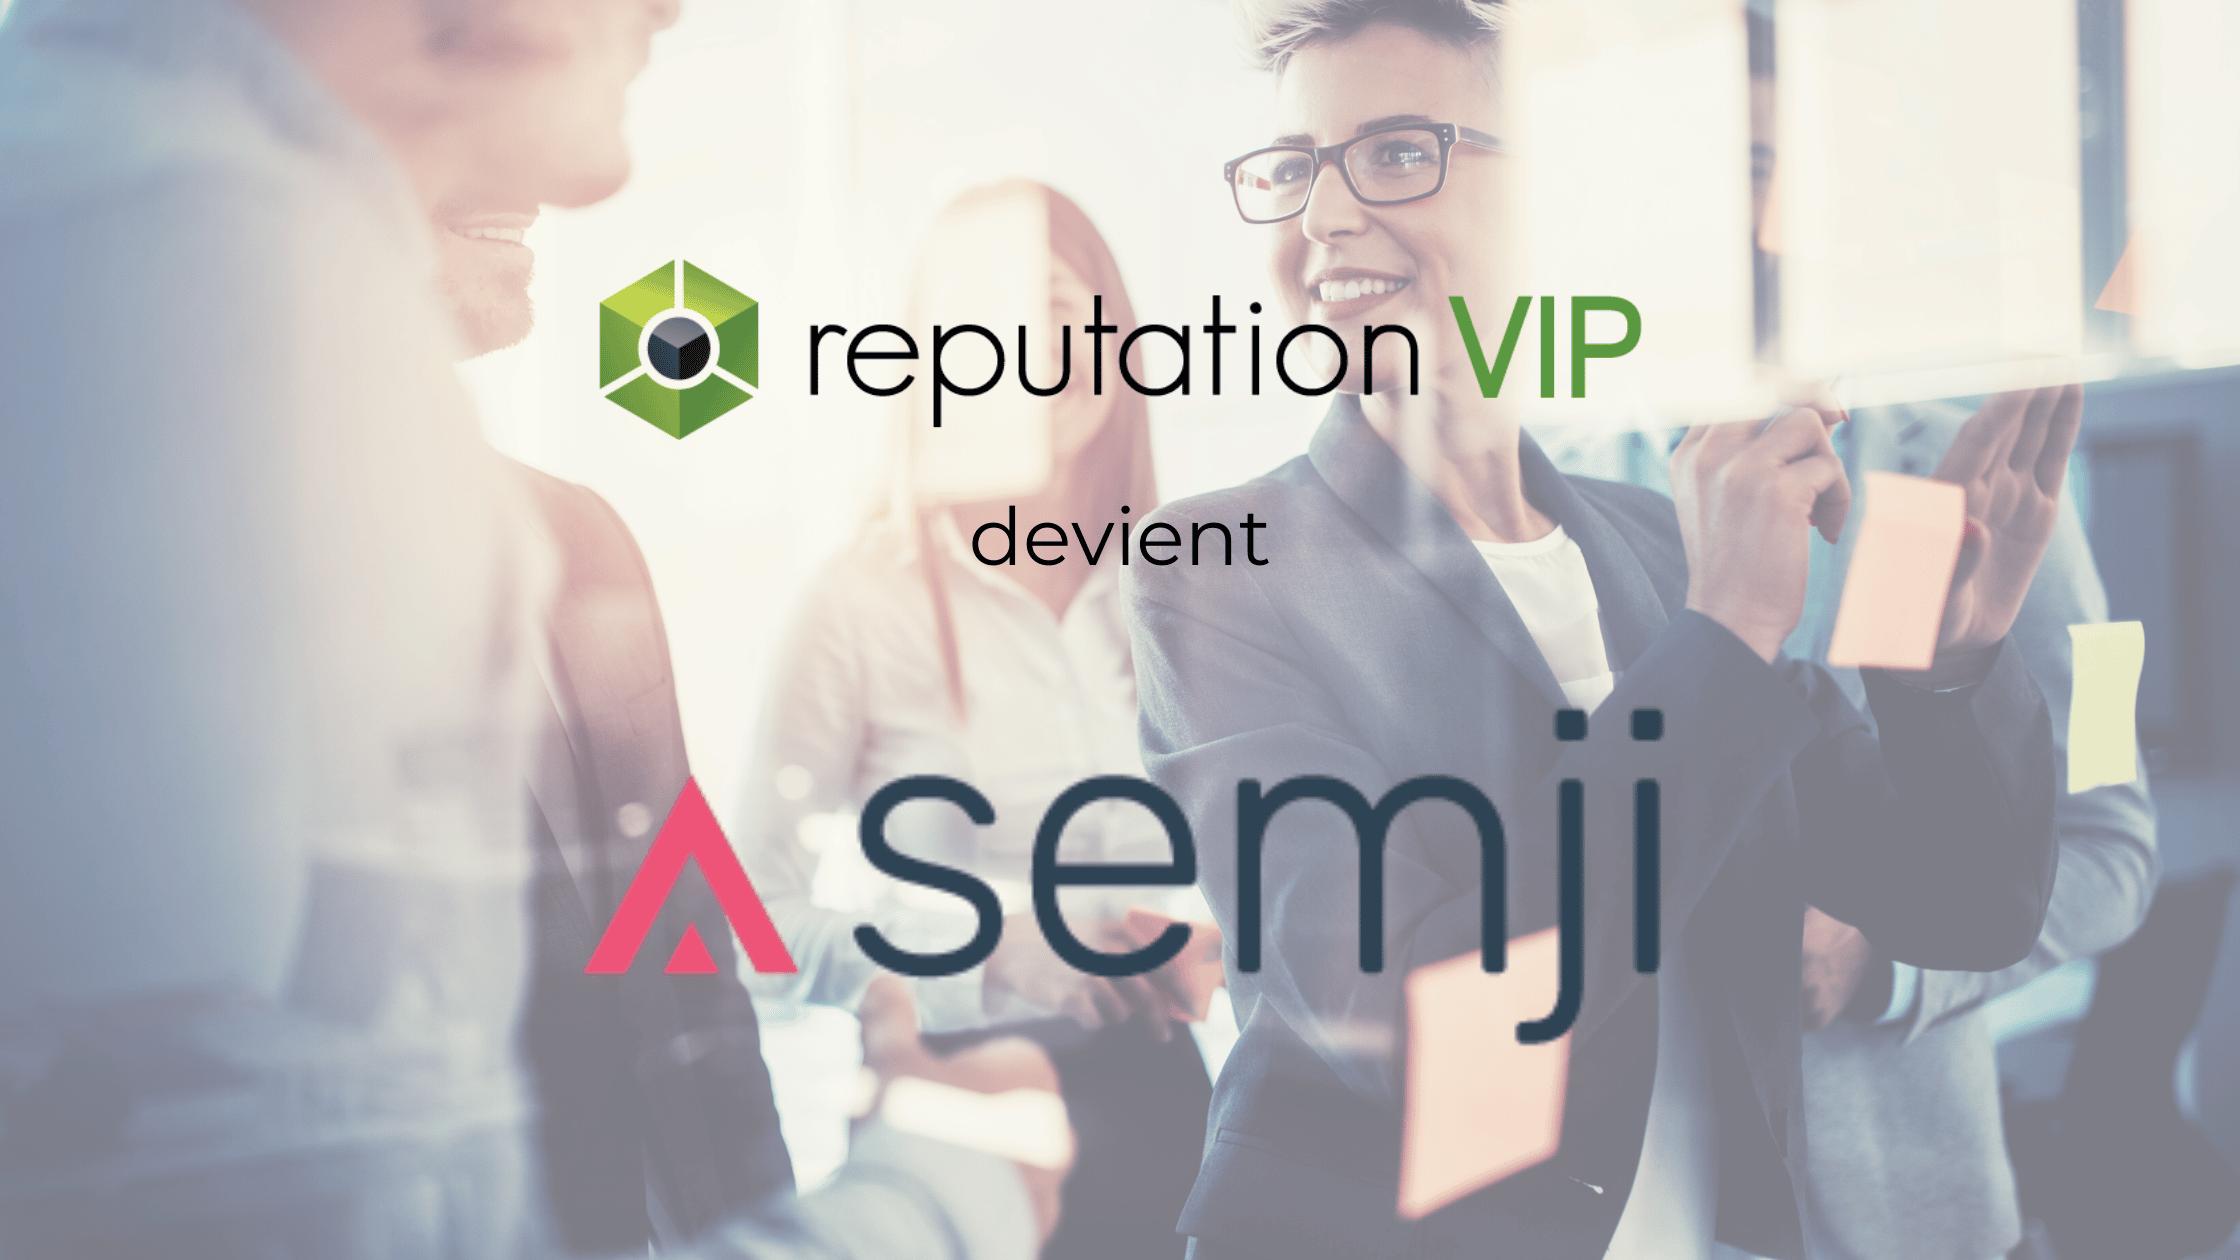 Reputation VIP devient Semji, pour accélérer votre SEO et votre E-réputation